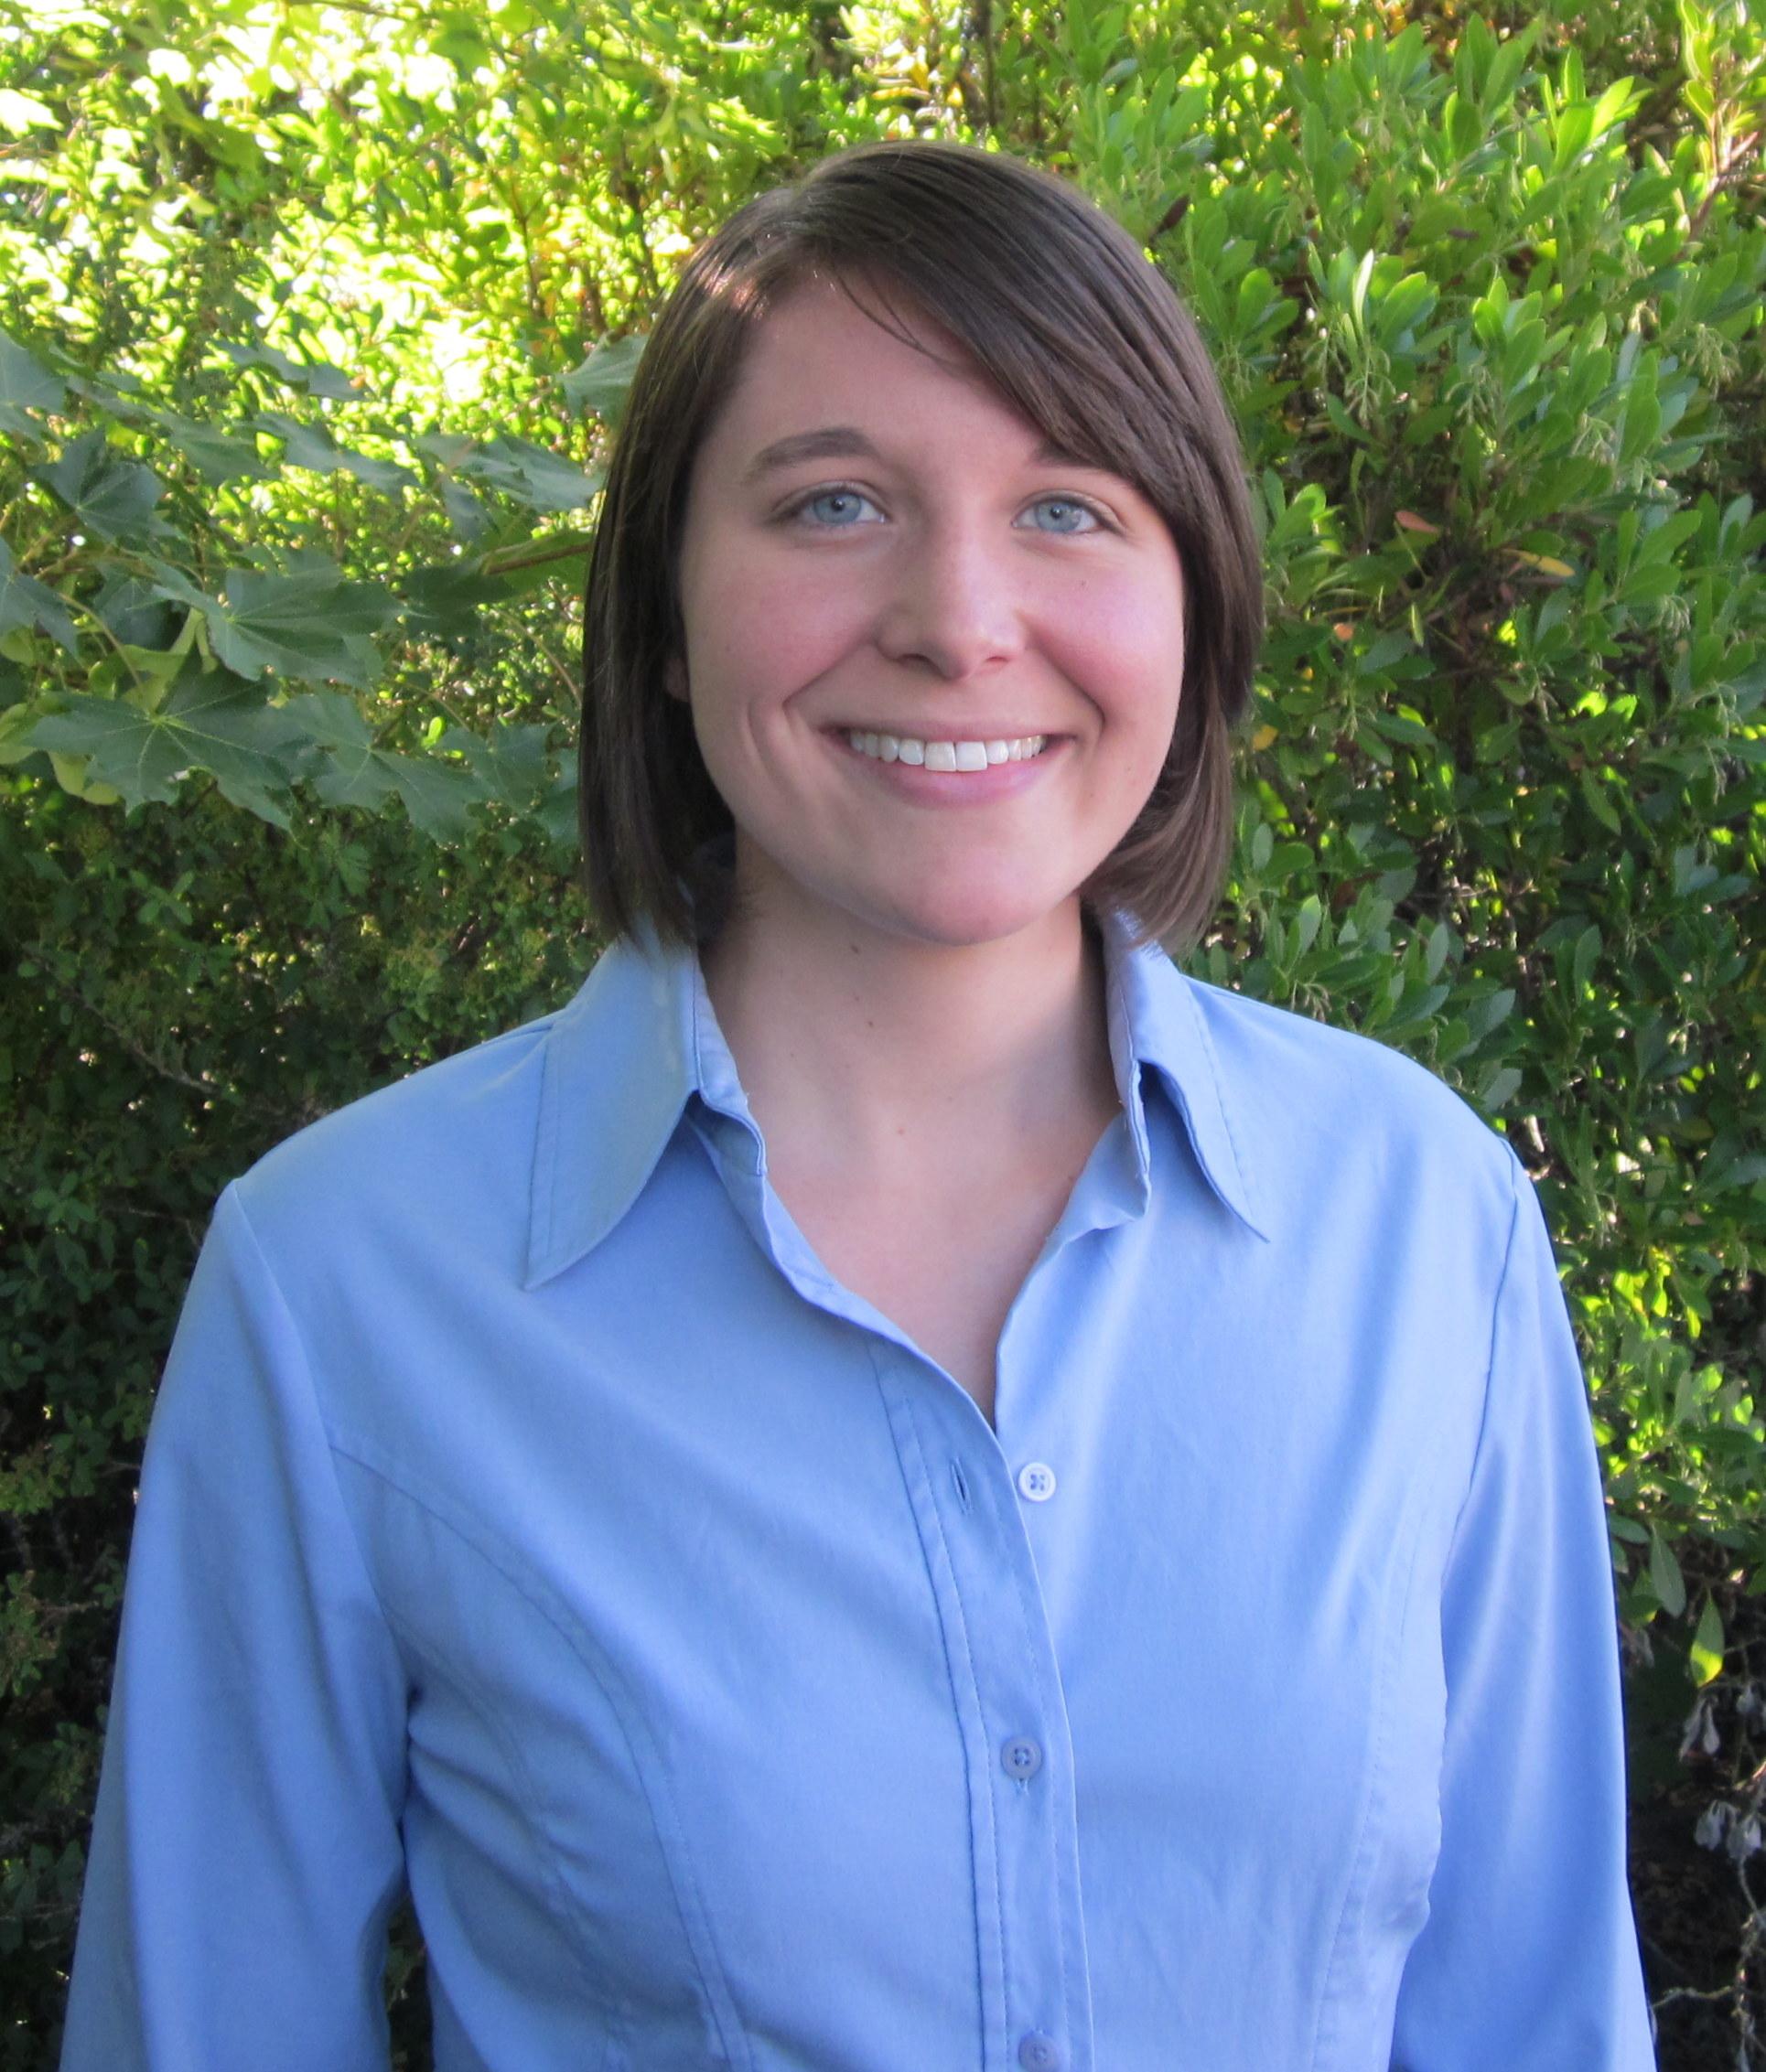 OSU-Dr. Emily Caffrey .jpg